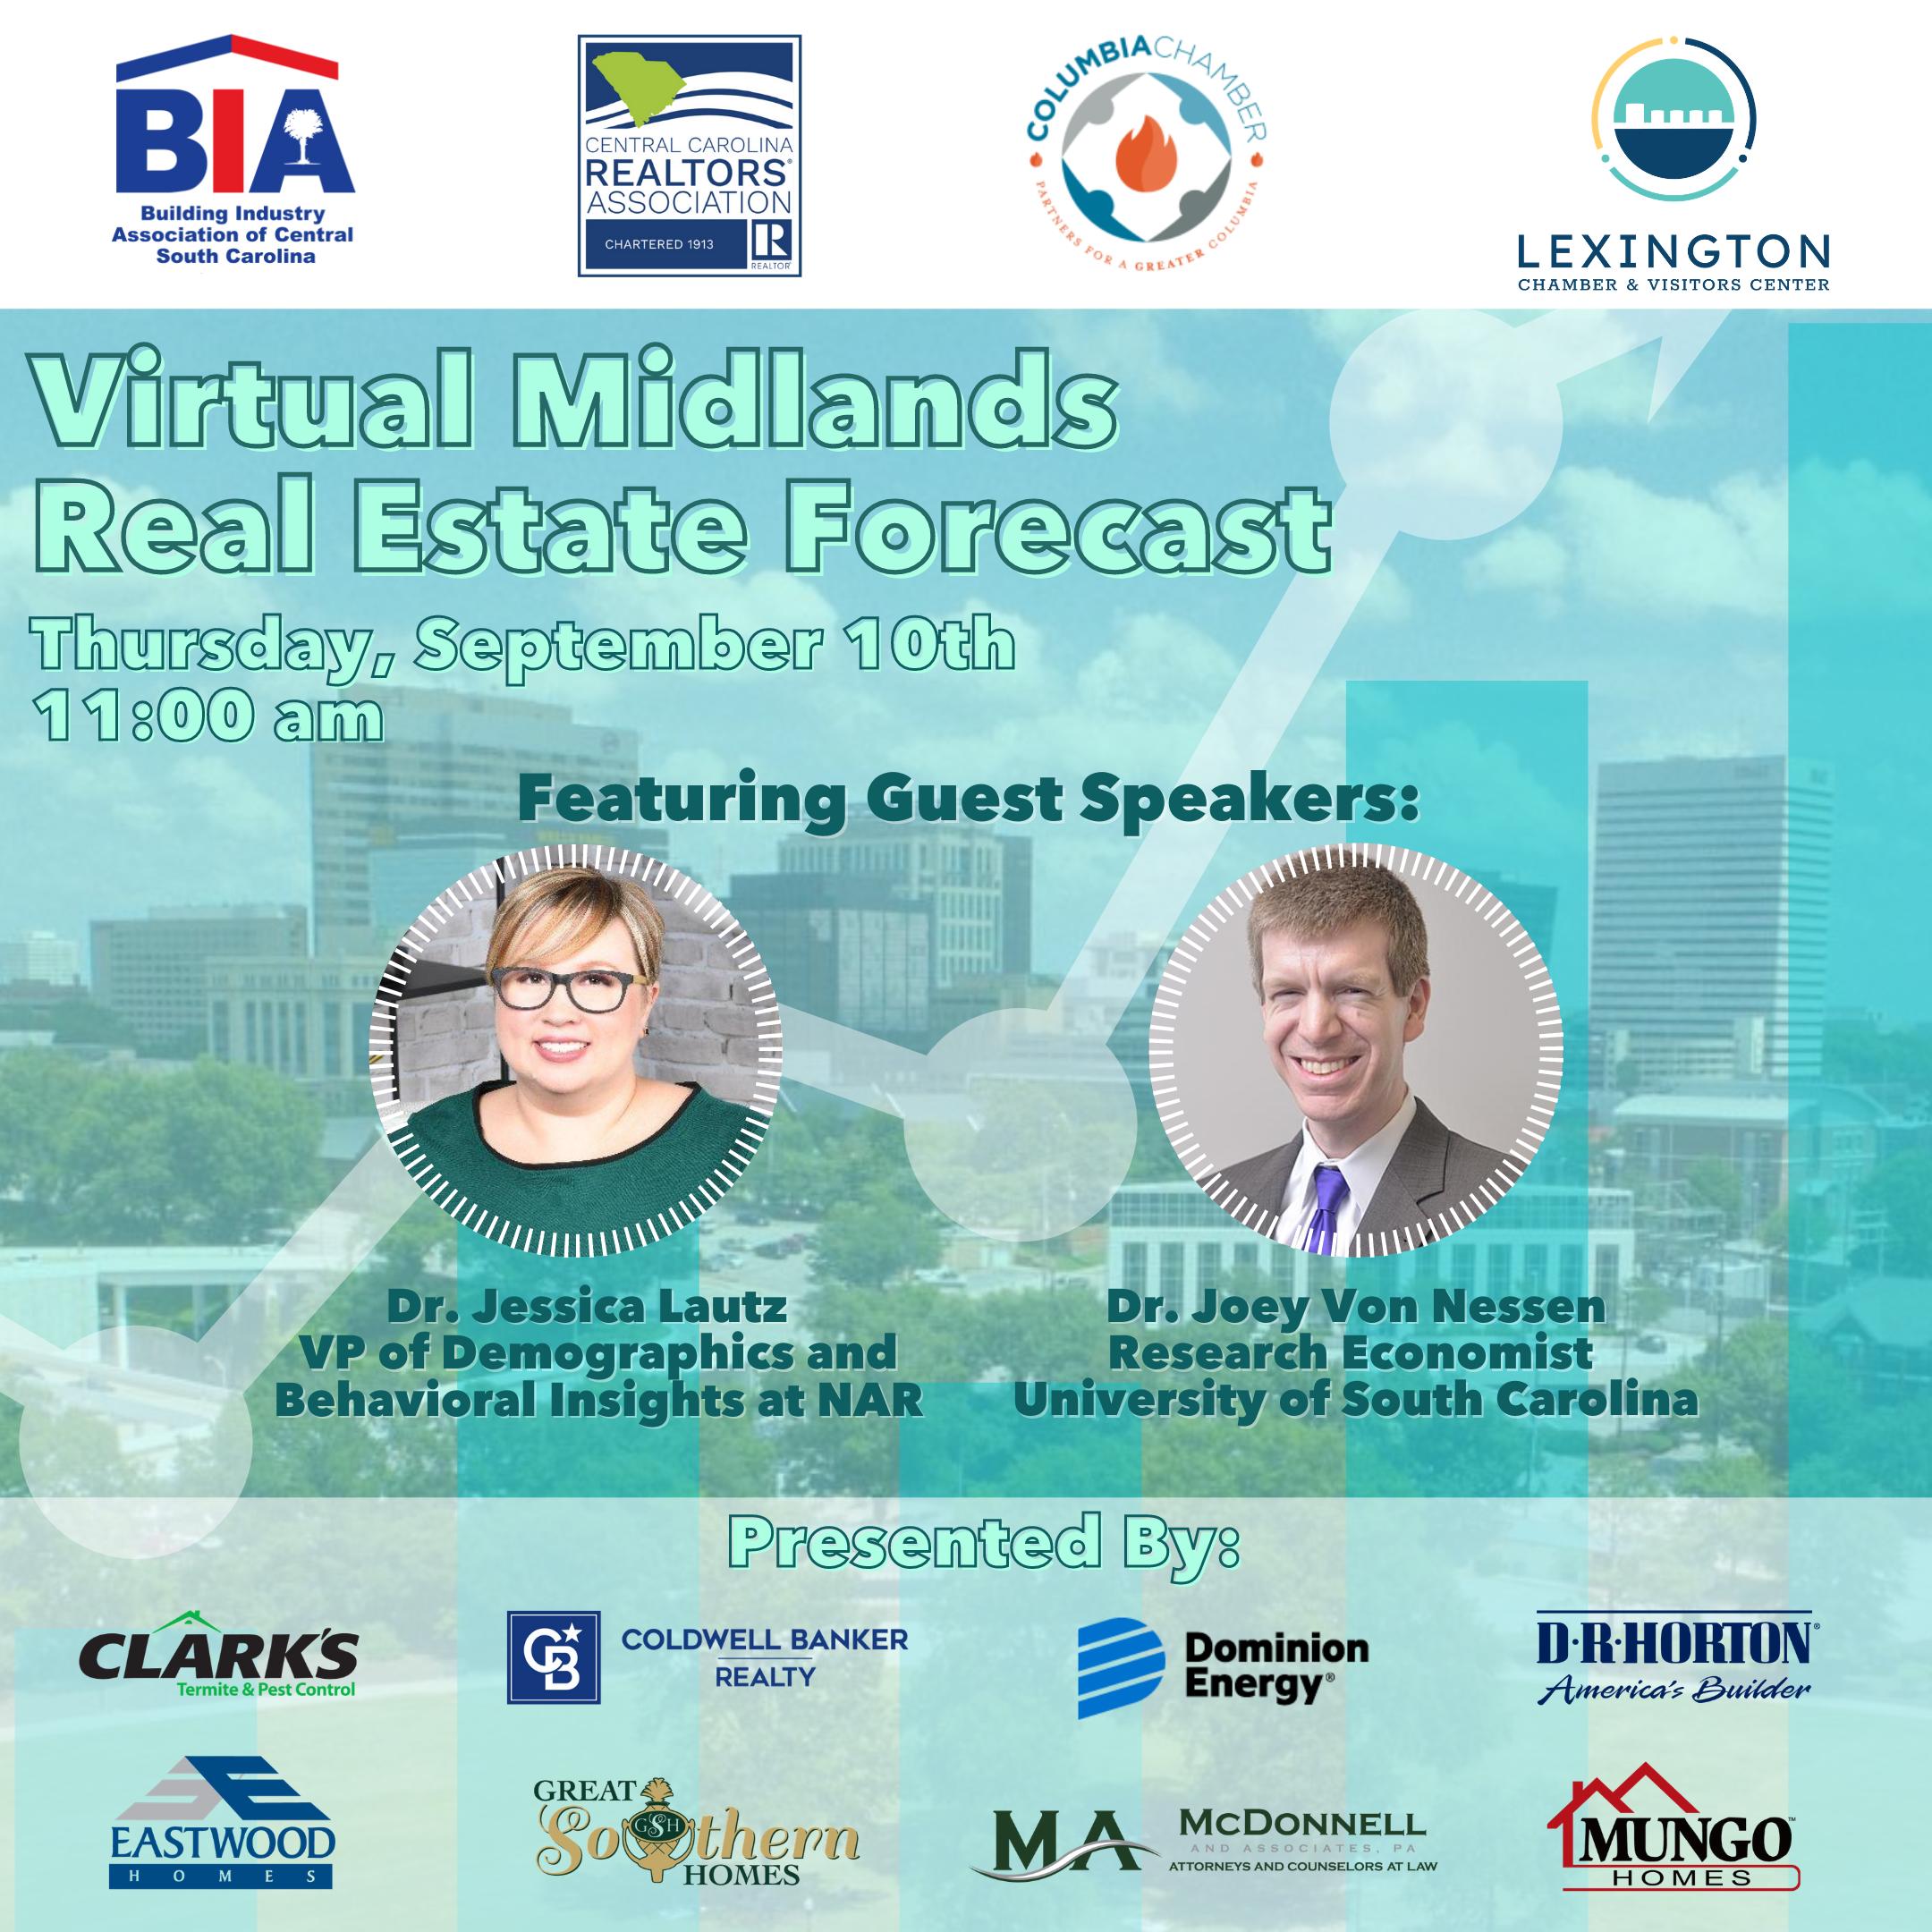 2020 Midlands Real Estate Forecast